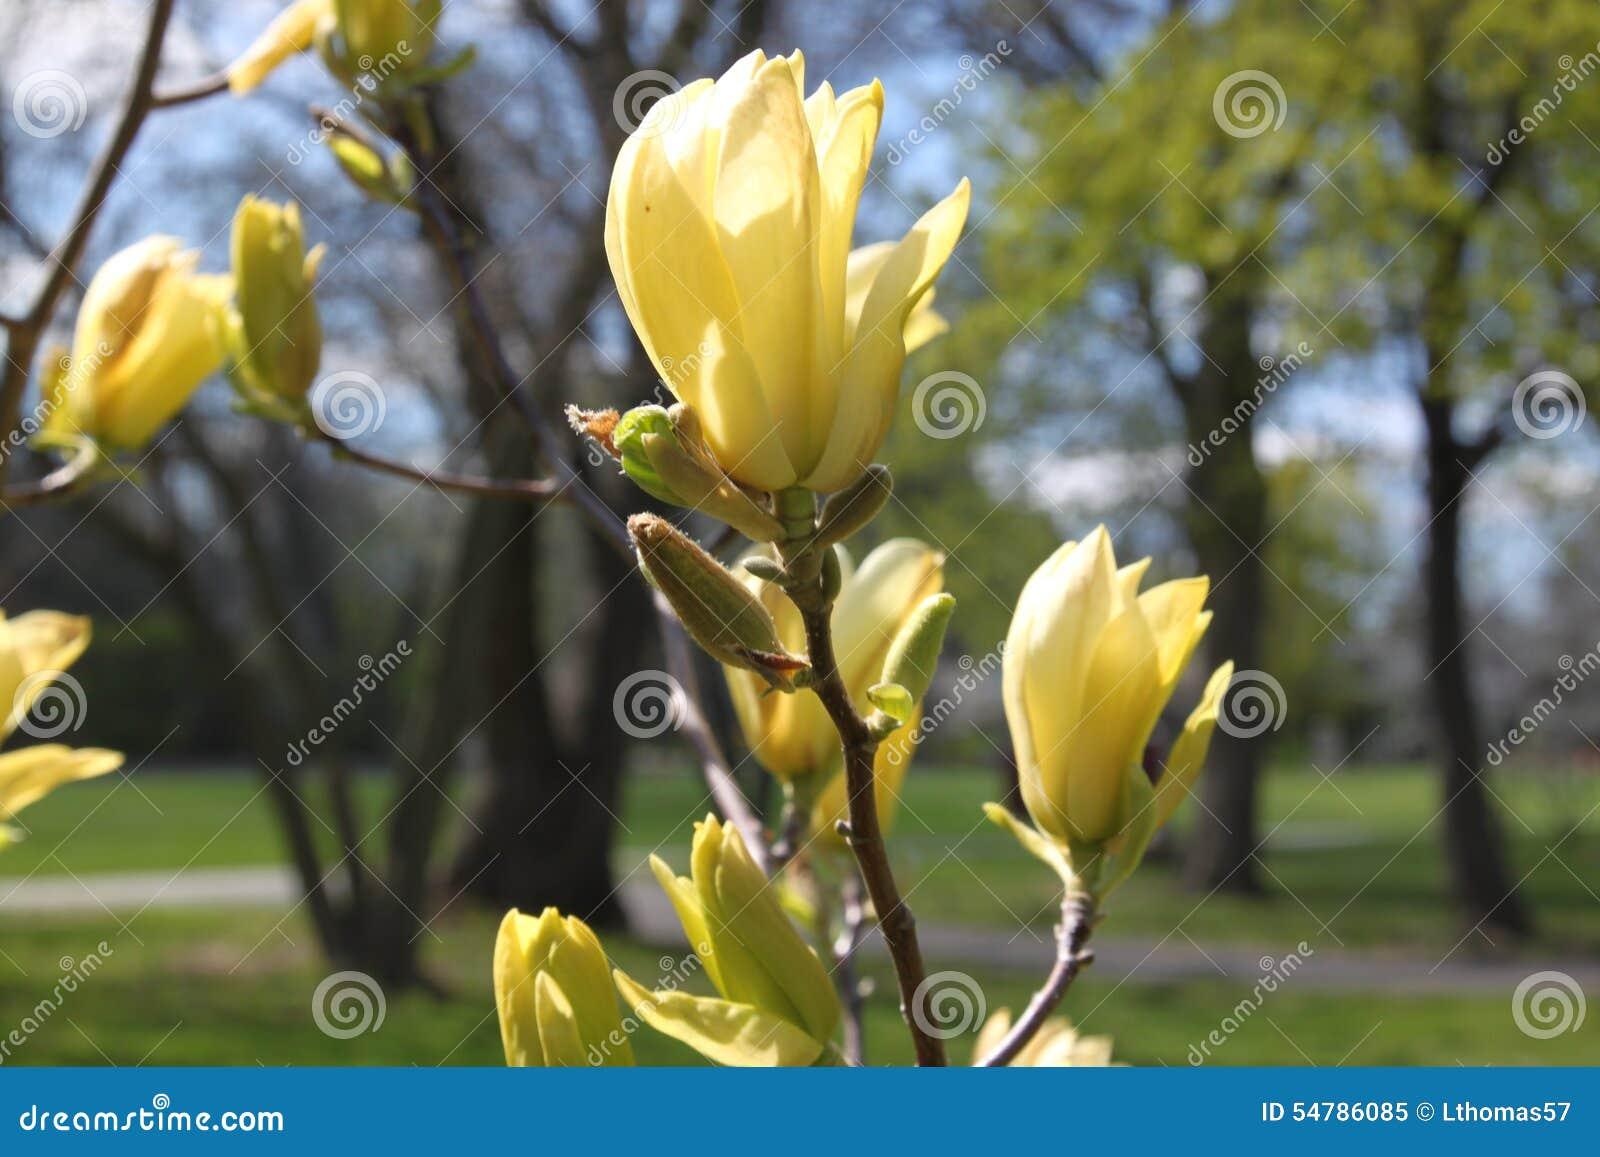 fleurs jaunes d 39 arbre de magnolia au printemps image stock image du jaune saisonnier 54786085. Black Bedroom Furniture Sets. Home Design Ideas